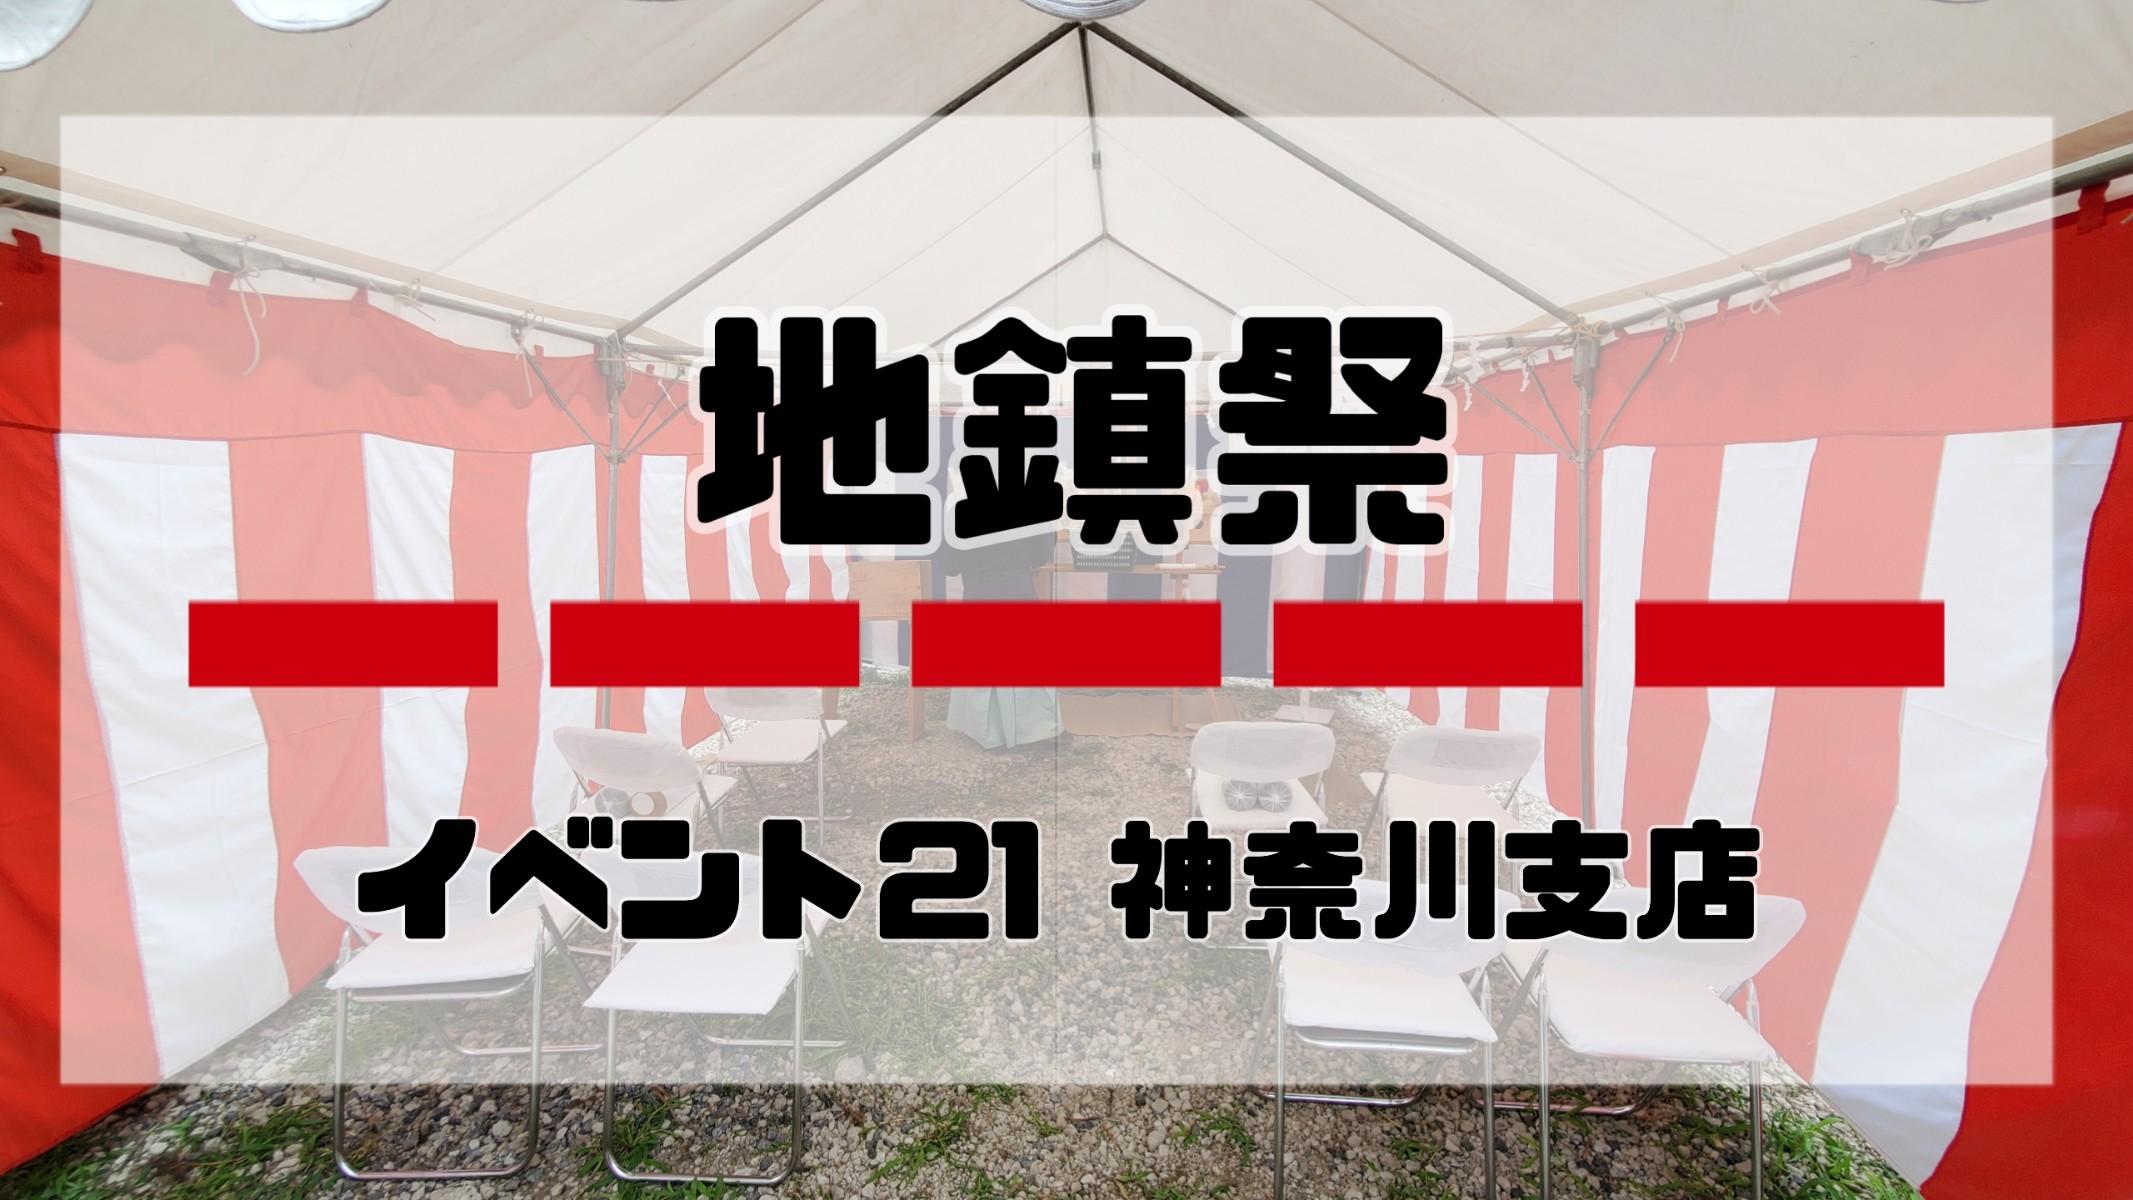 神奈川で地鎮祭をするならイベント21へ!